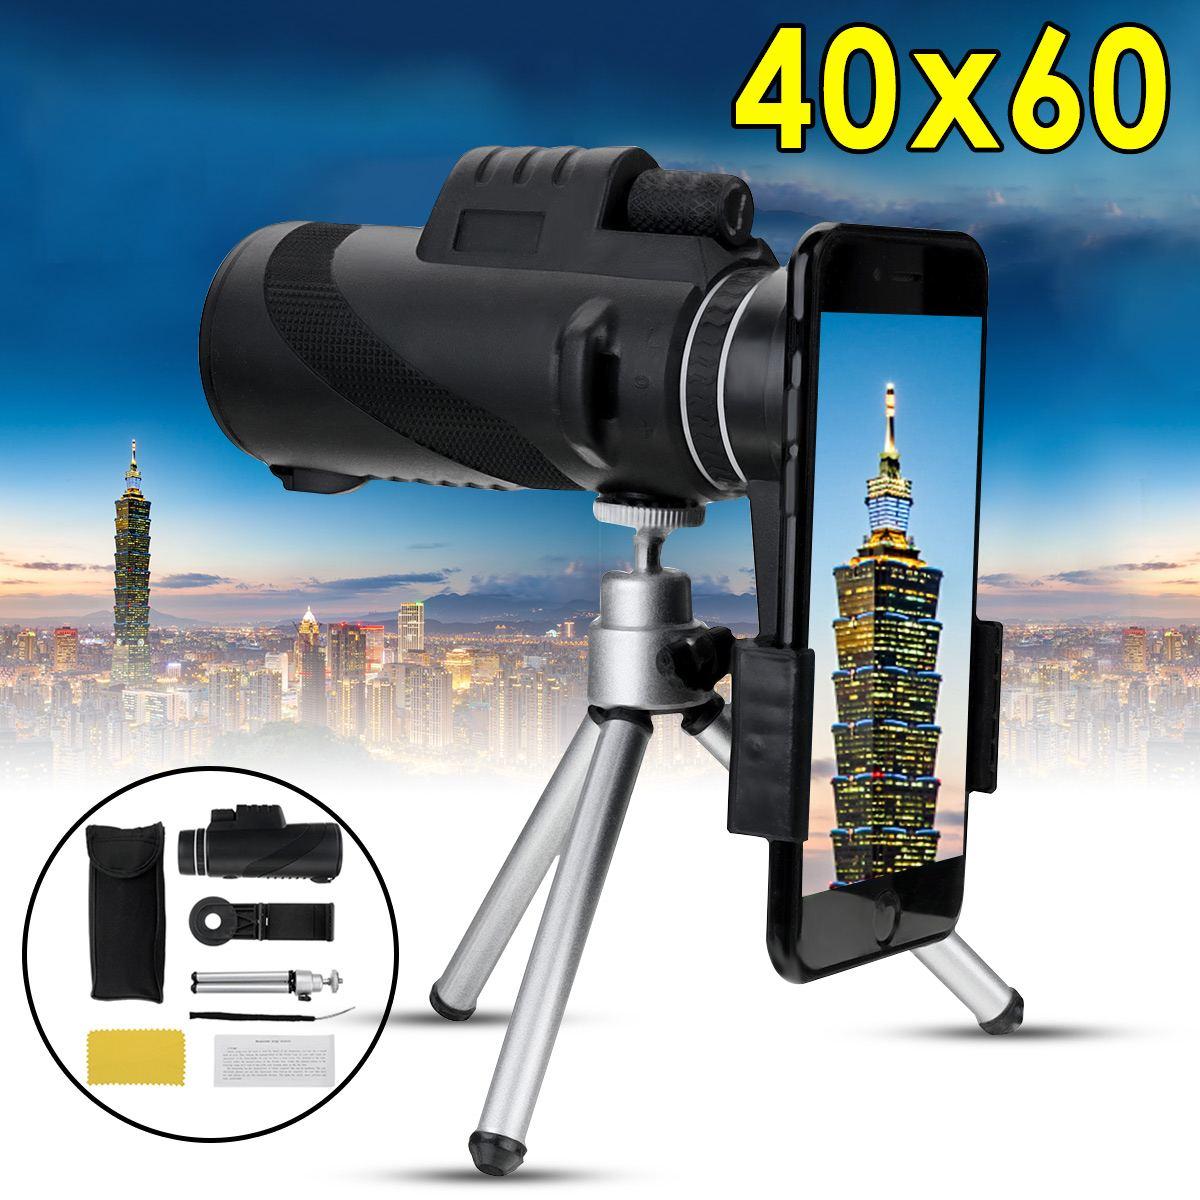 40X60 Zoom HD monoculaire télescope Mini Vision nocturne optique caméra objectif + Clip de téléphone + trépied pour téléphone intelligent Mobile pour IPhone